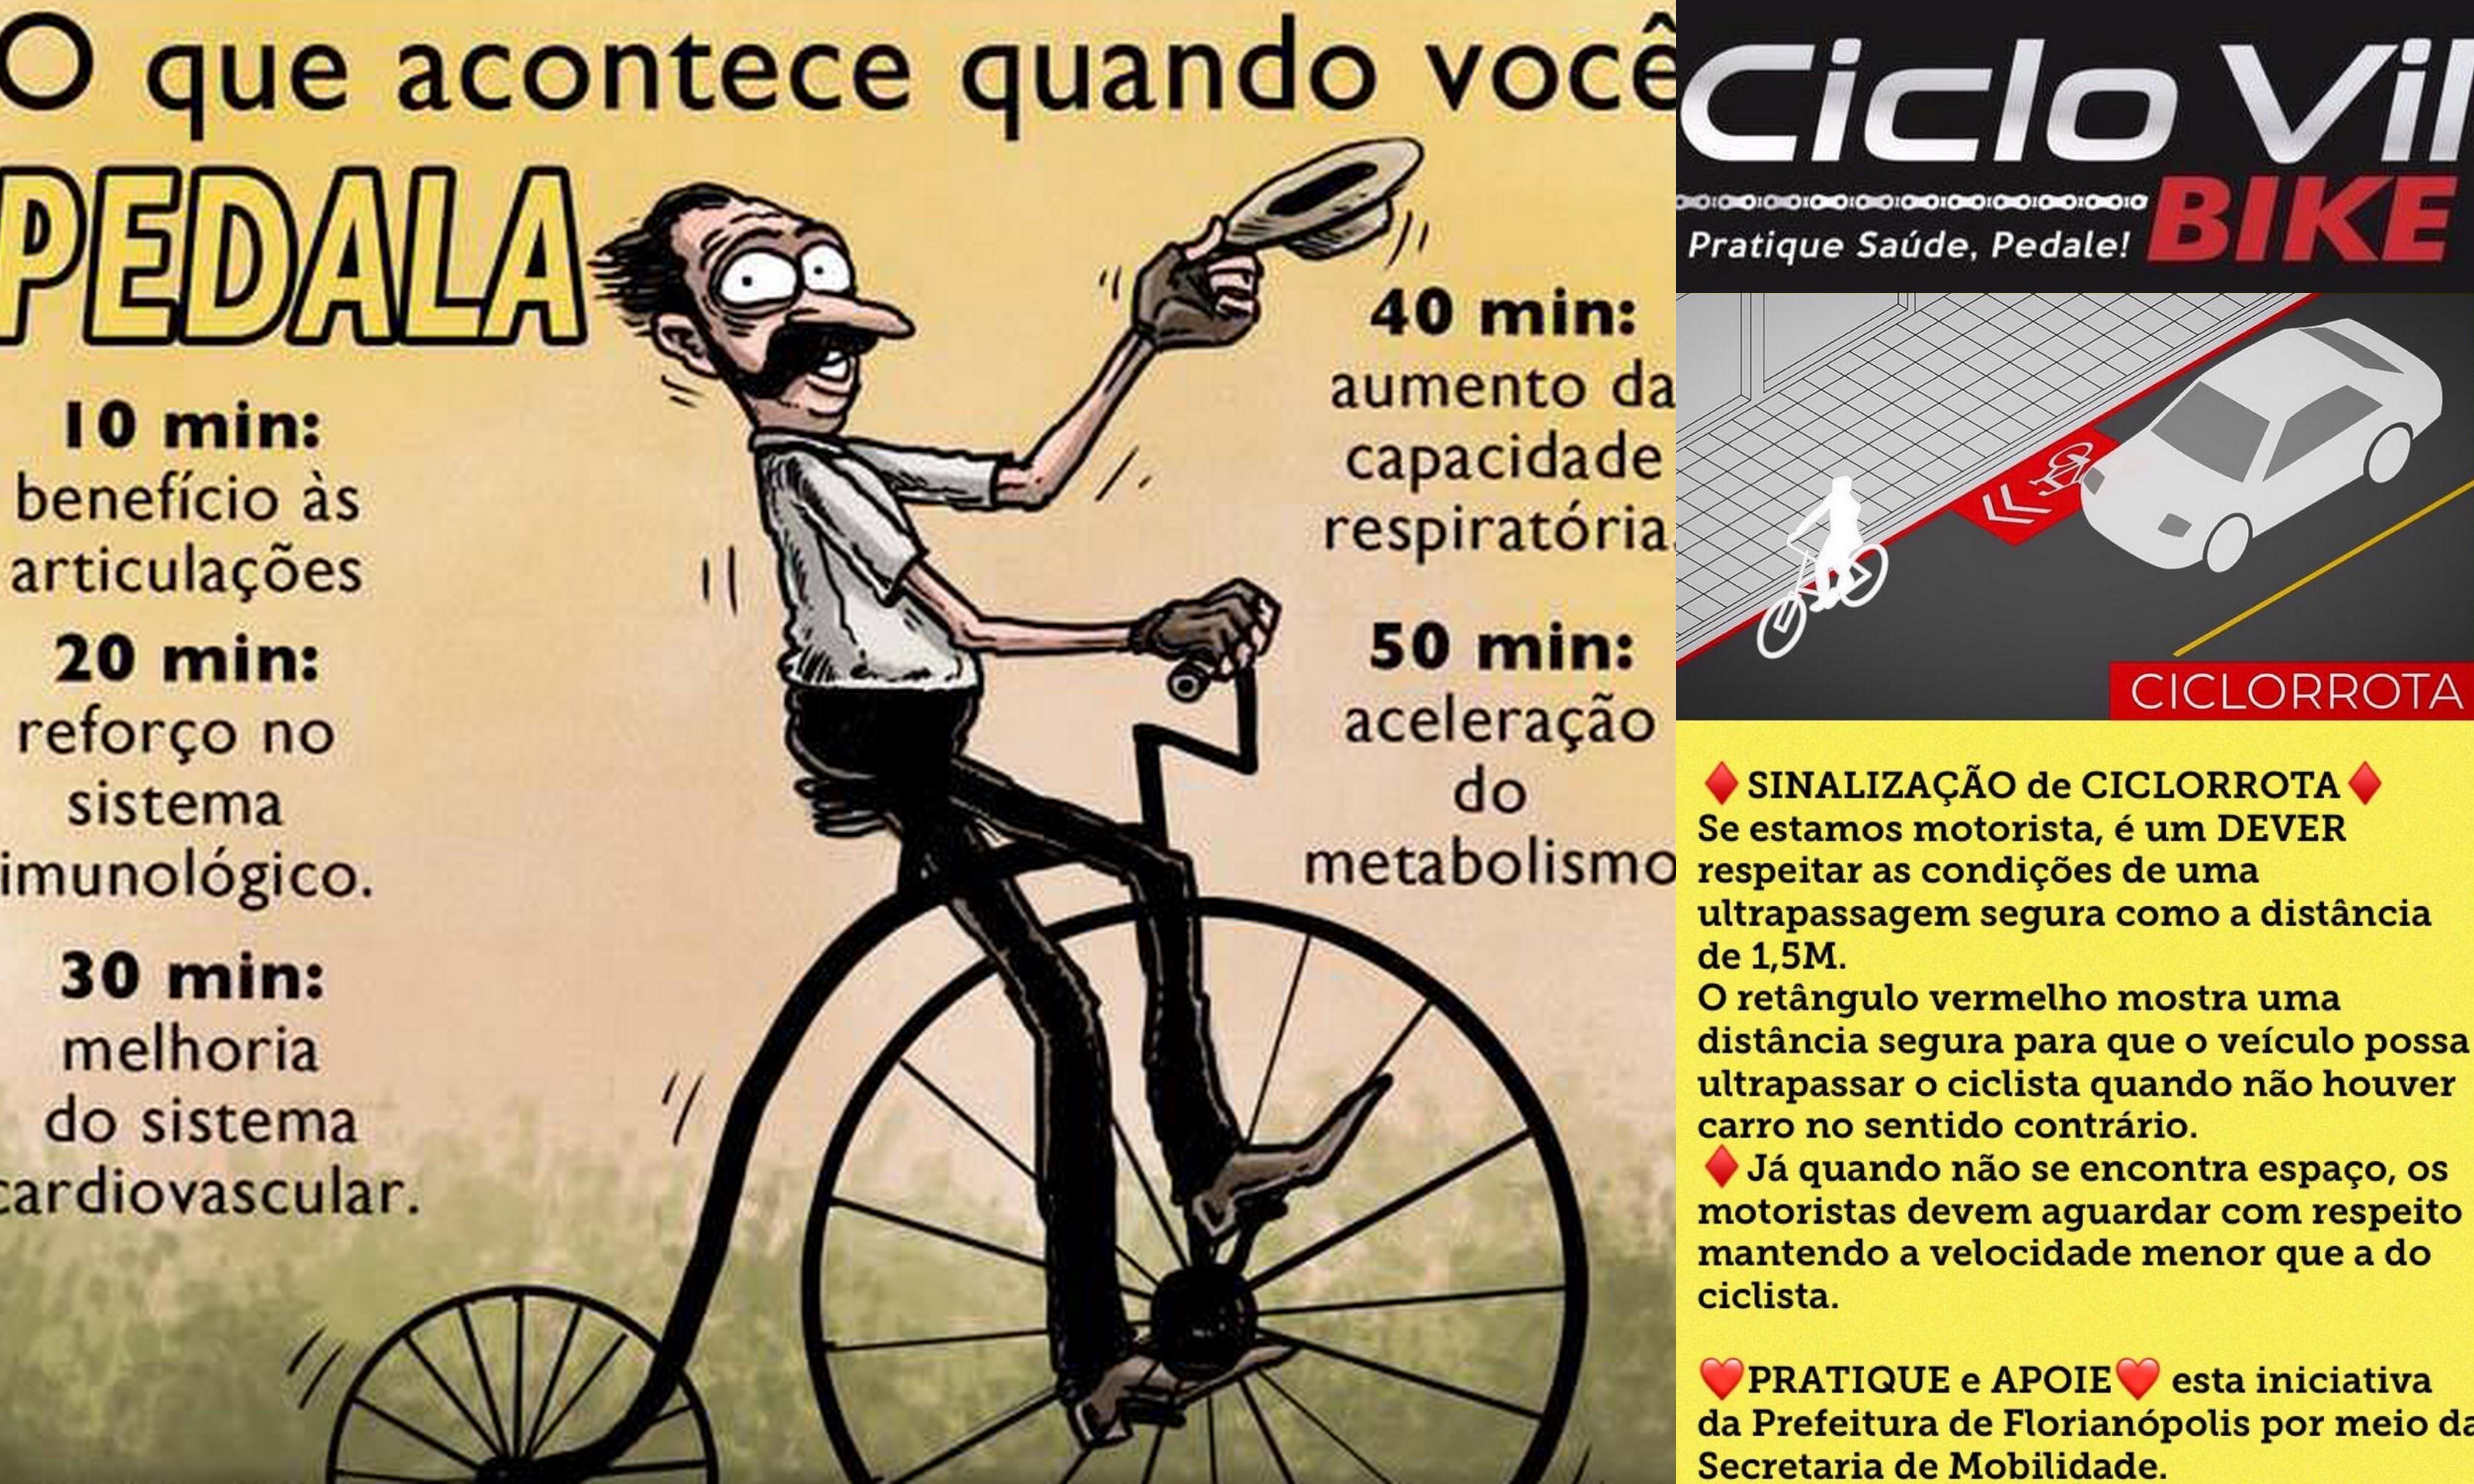 Ciclo Vil Bike e a mobilidade urbana